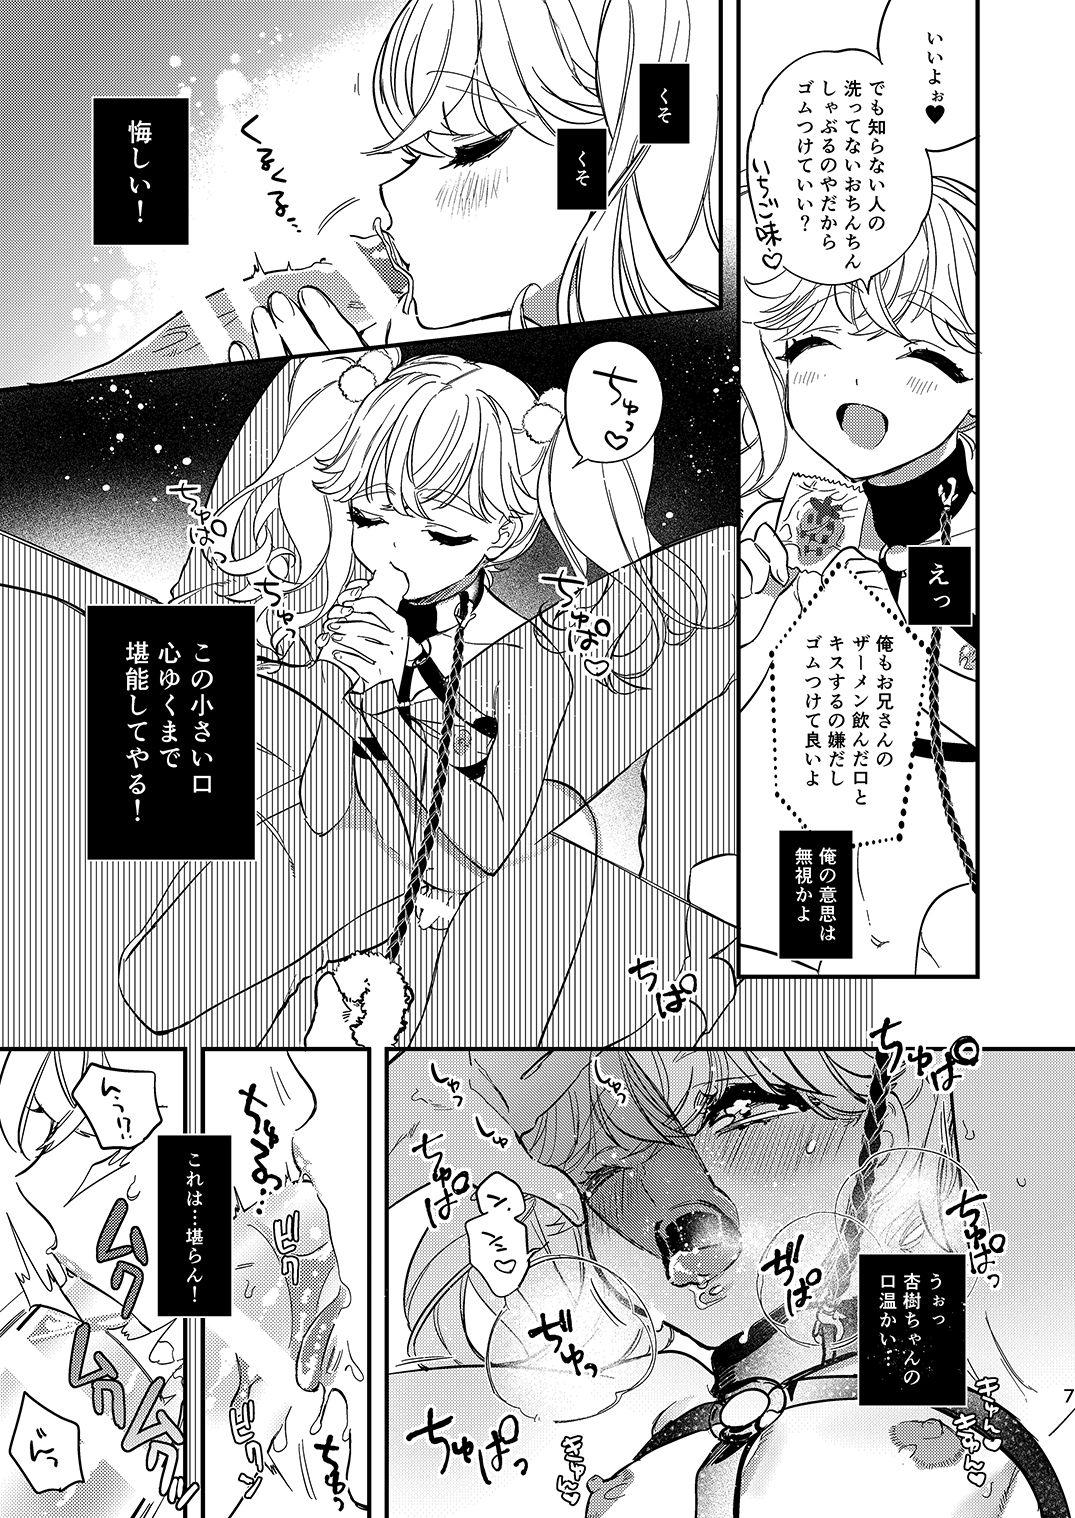 Anju to Karaoke de Kimochi ii Koto Shiyou yo 5